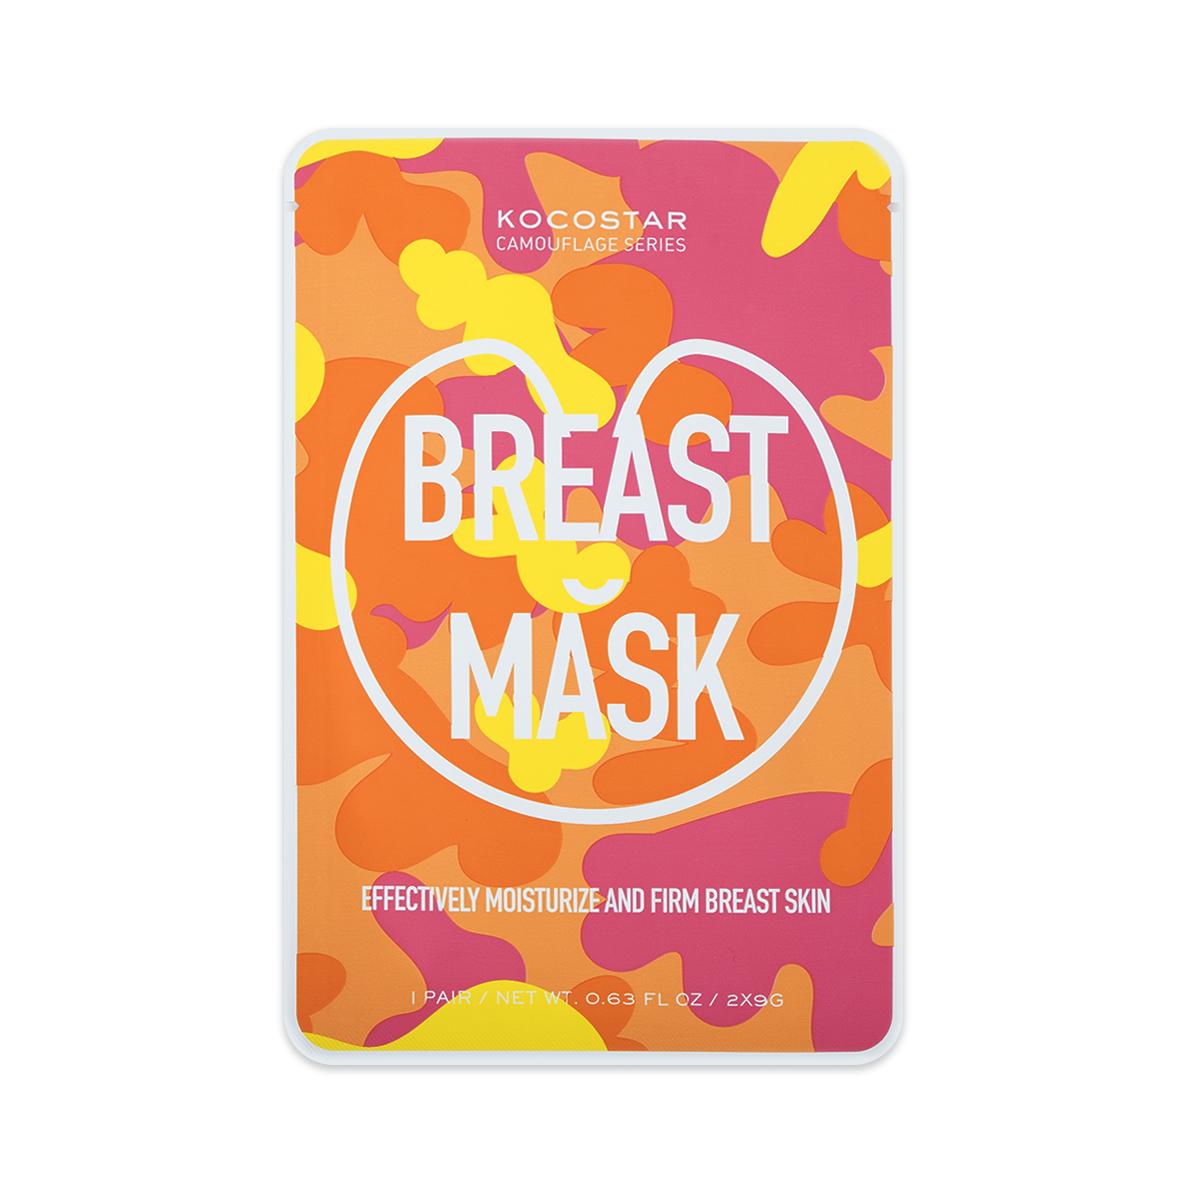 Купить KOCOSTAR Маска для упругости груди / Camouflage Breast Mask 9 г